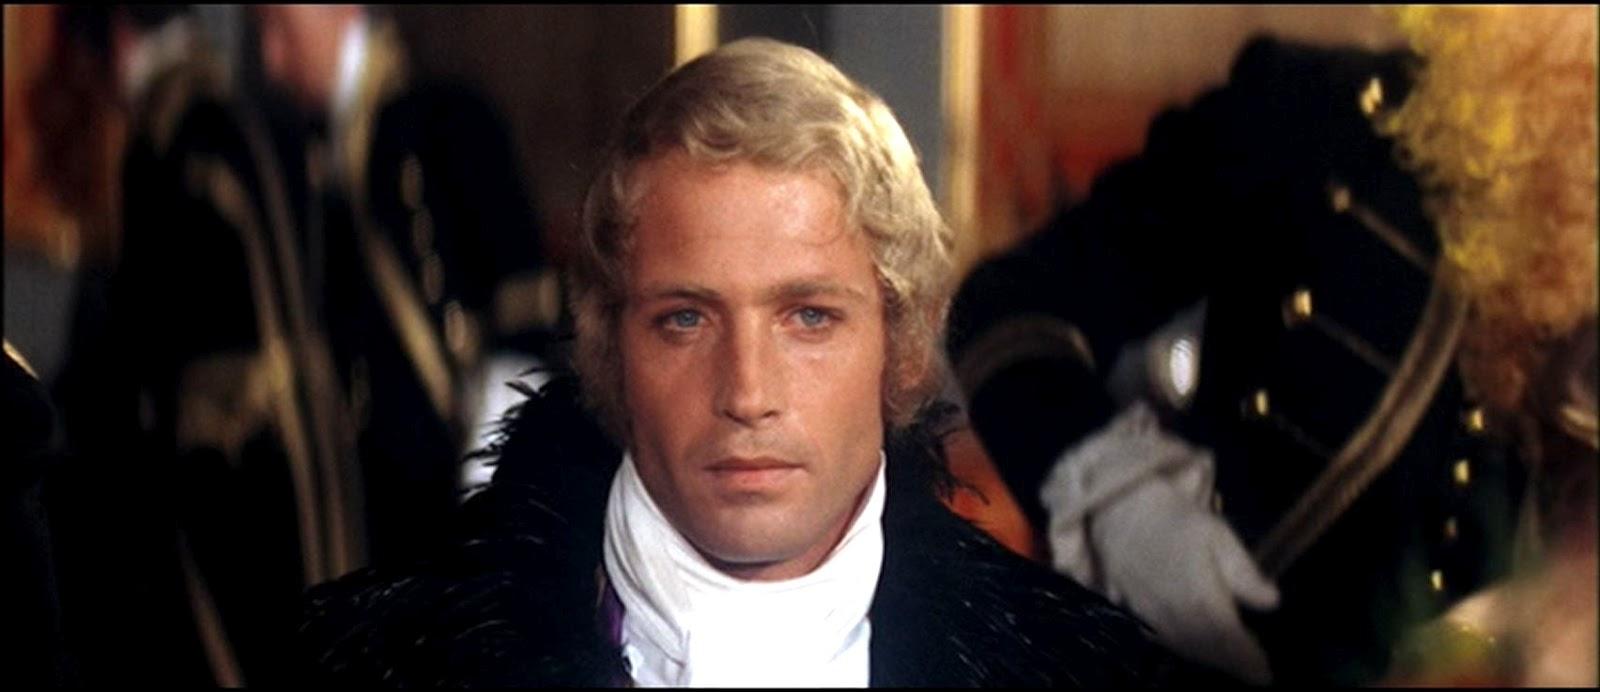 John Richardson Actor Pictures John Richardson as Robert